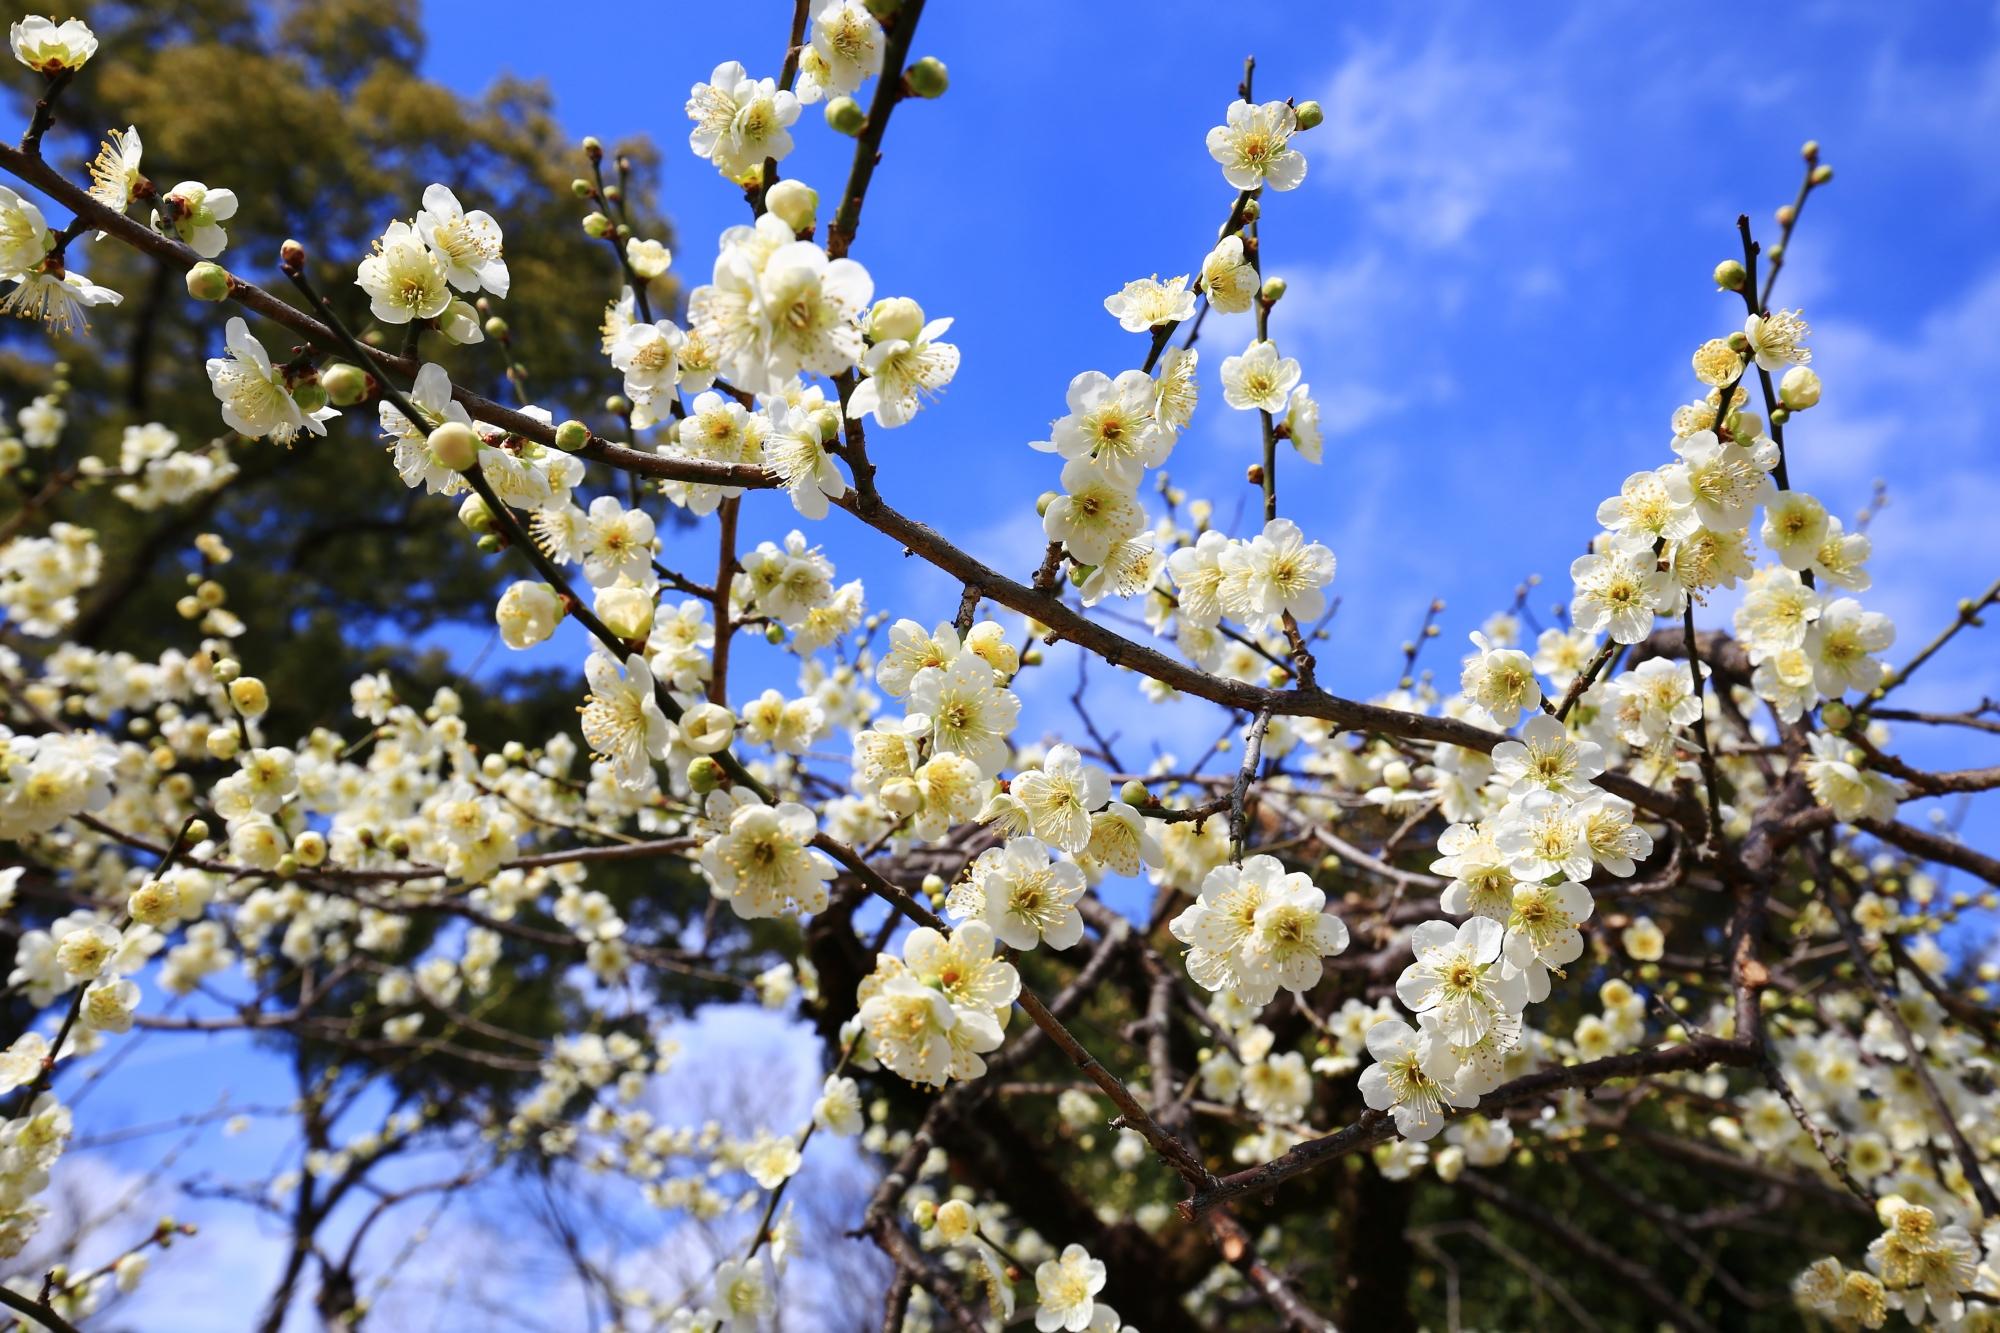 少し黄色か緑の入った白い梅の花